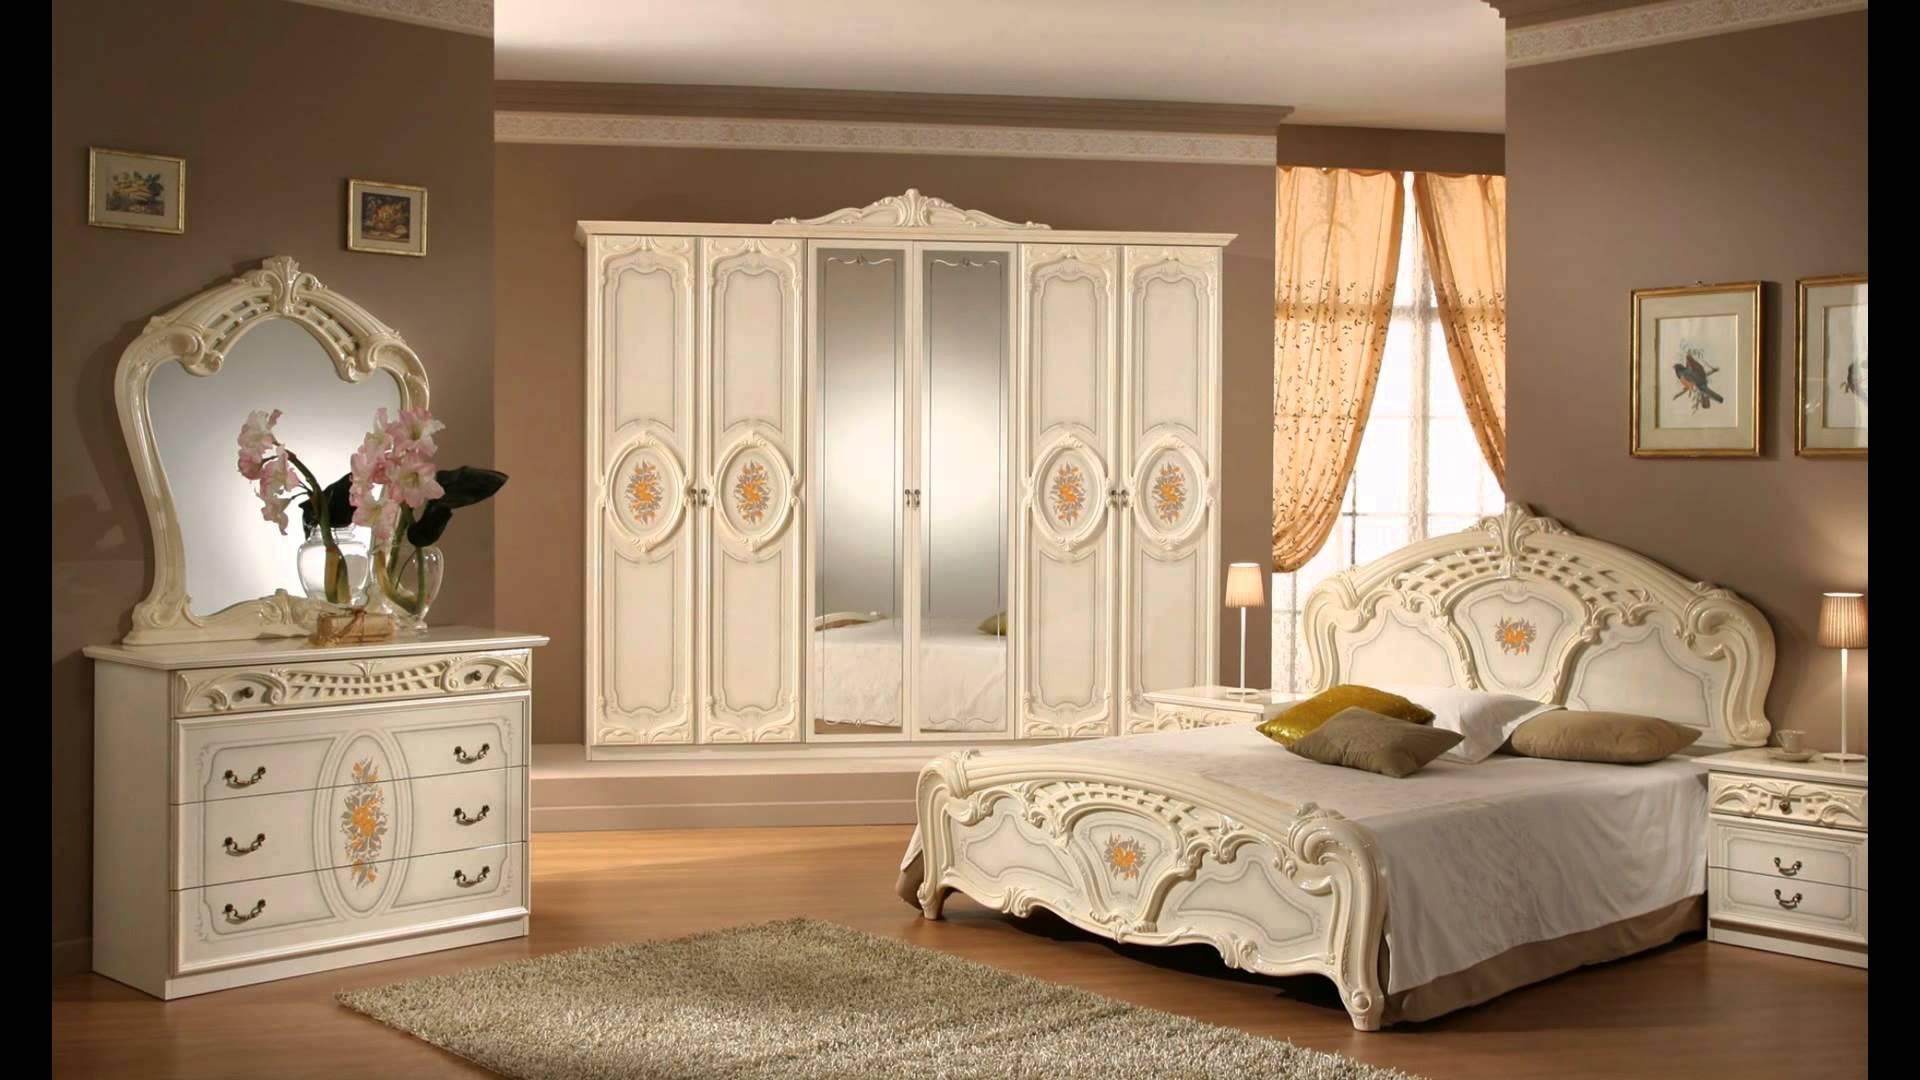 صور اثاث غرف نوم , اشكال مختلفة لاثاث غرف النوم